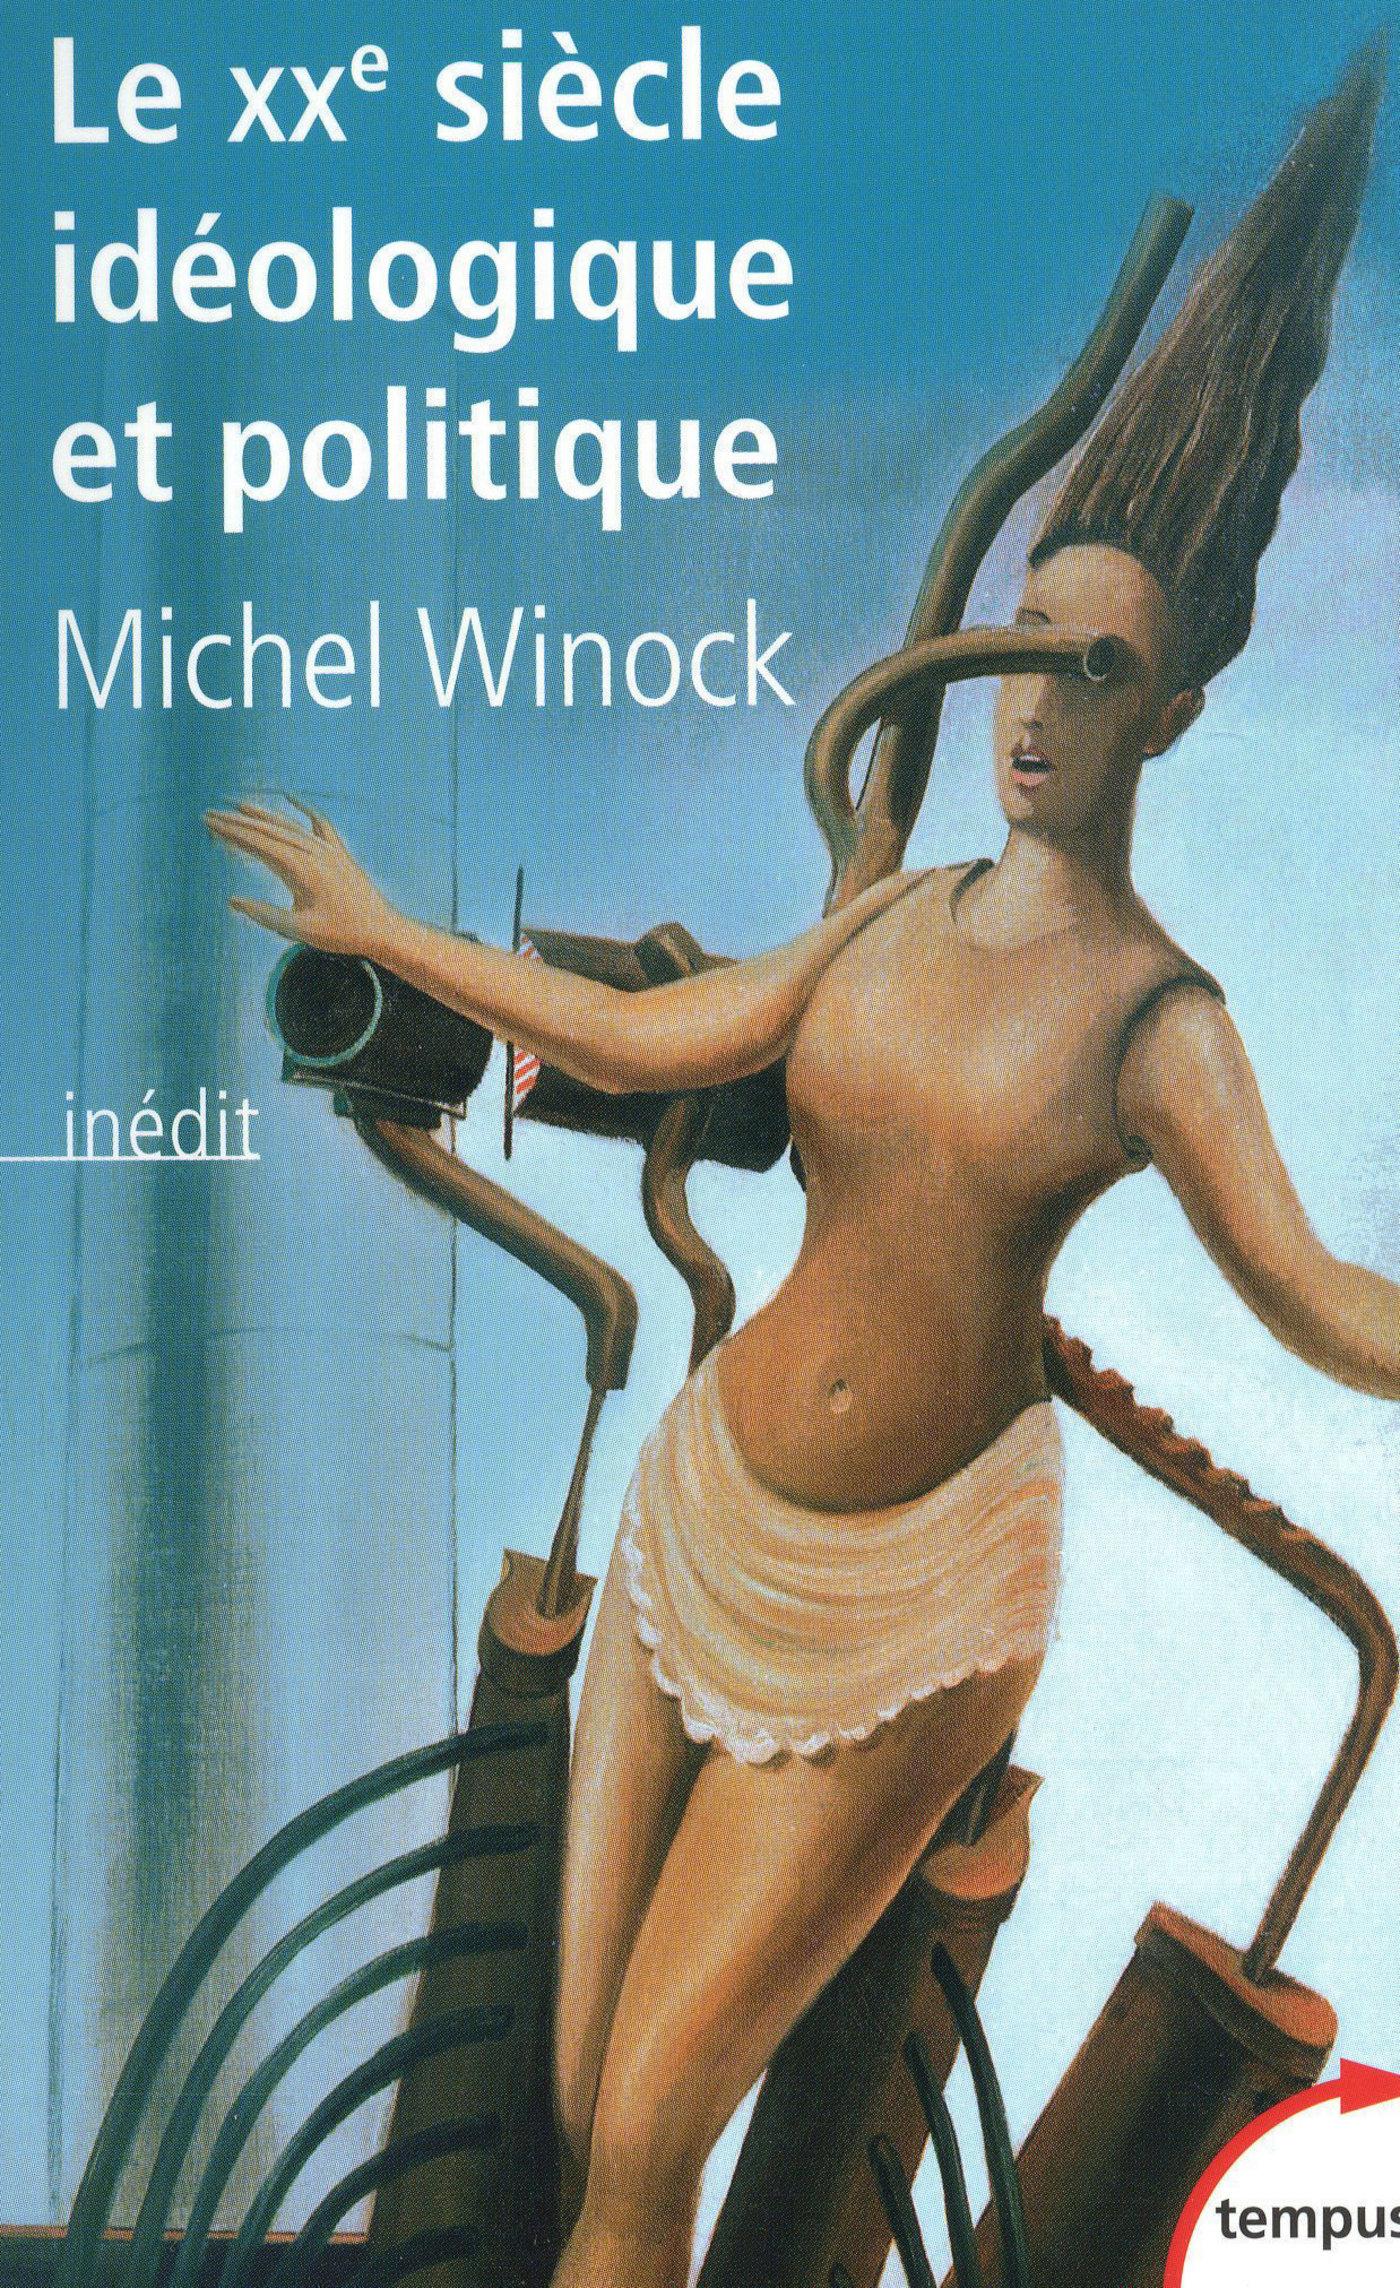 Le XXe siècle idéologique et politique (ebook)